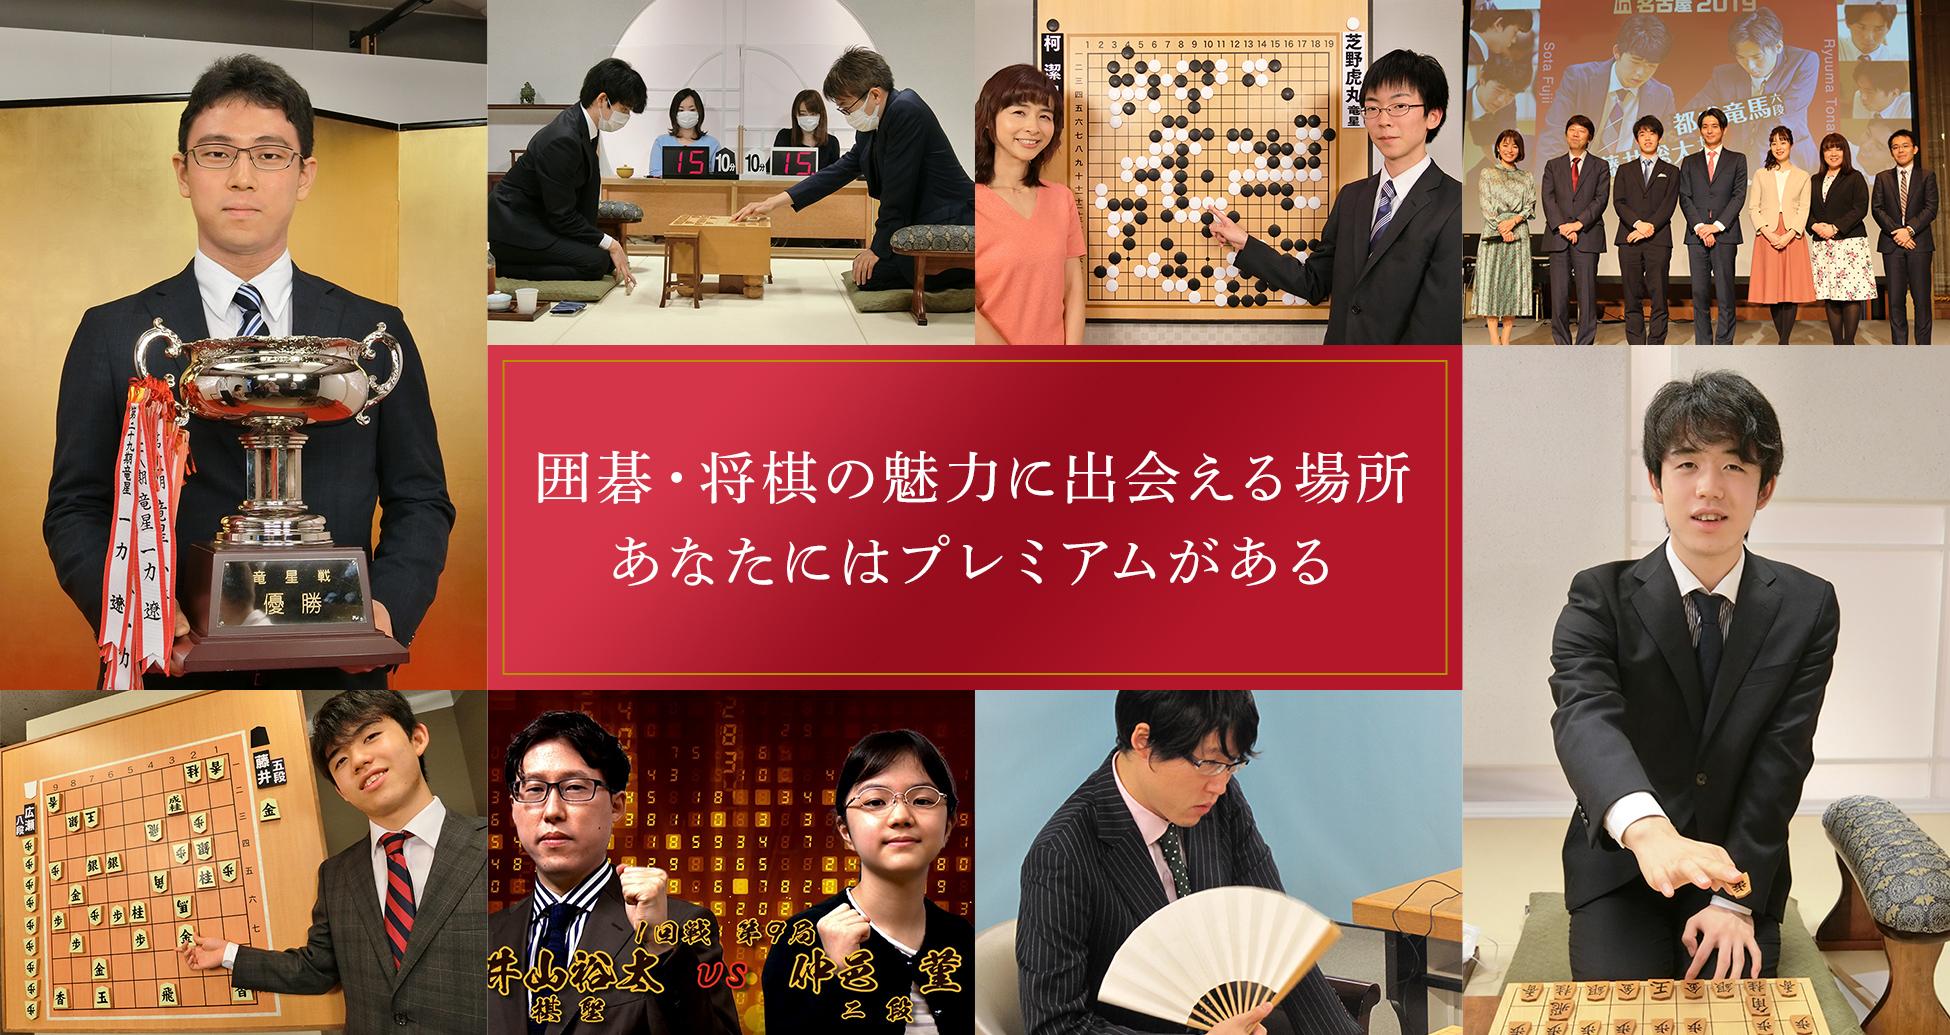 囲碁・将棋の魅力に出会える場所 あなたにはプレミアムがある